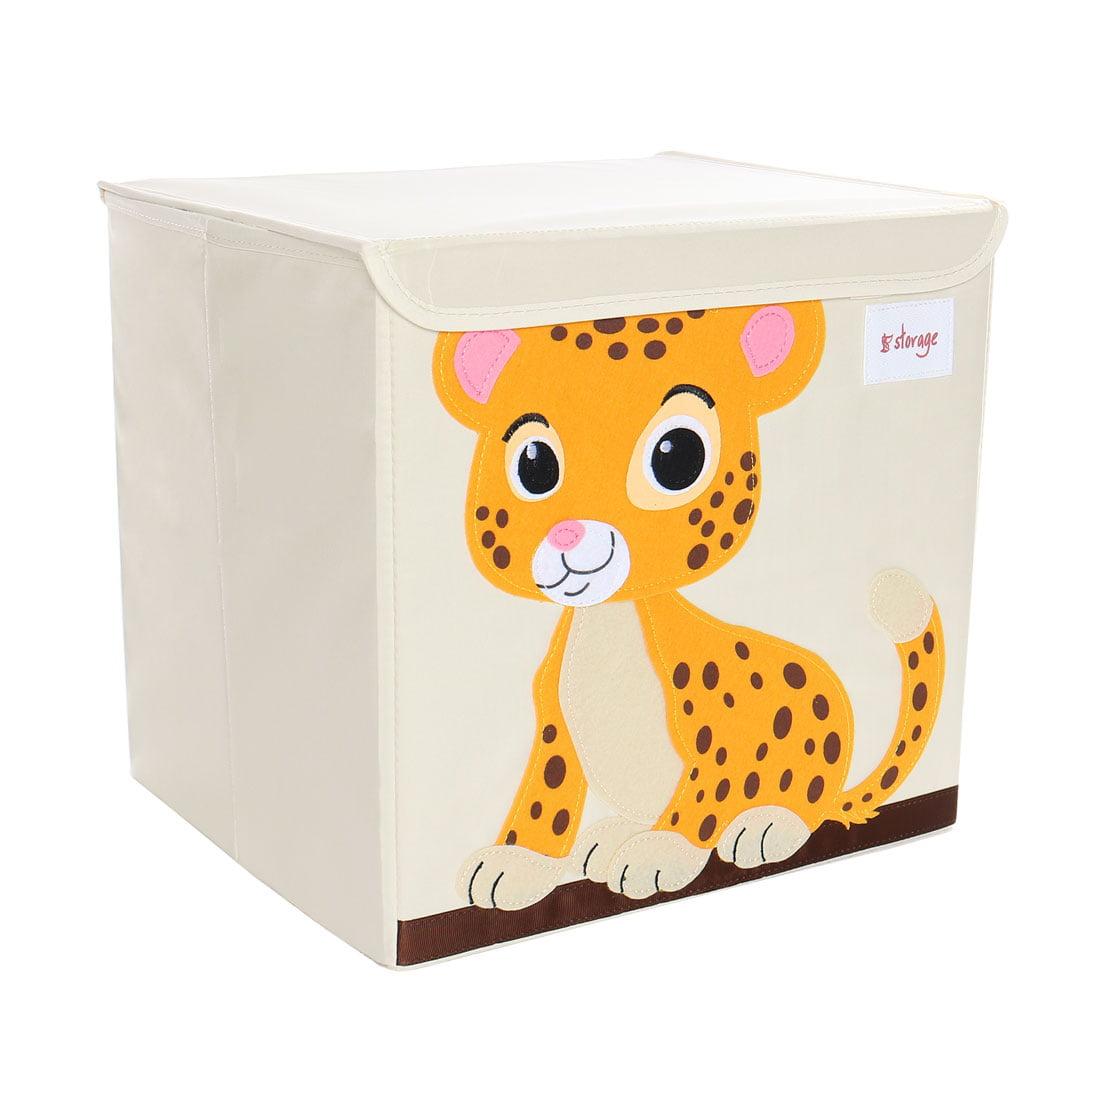 Foldable Toys Storage Bins Cartoon Cardboard Fabric Cubes